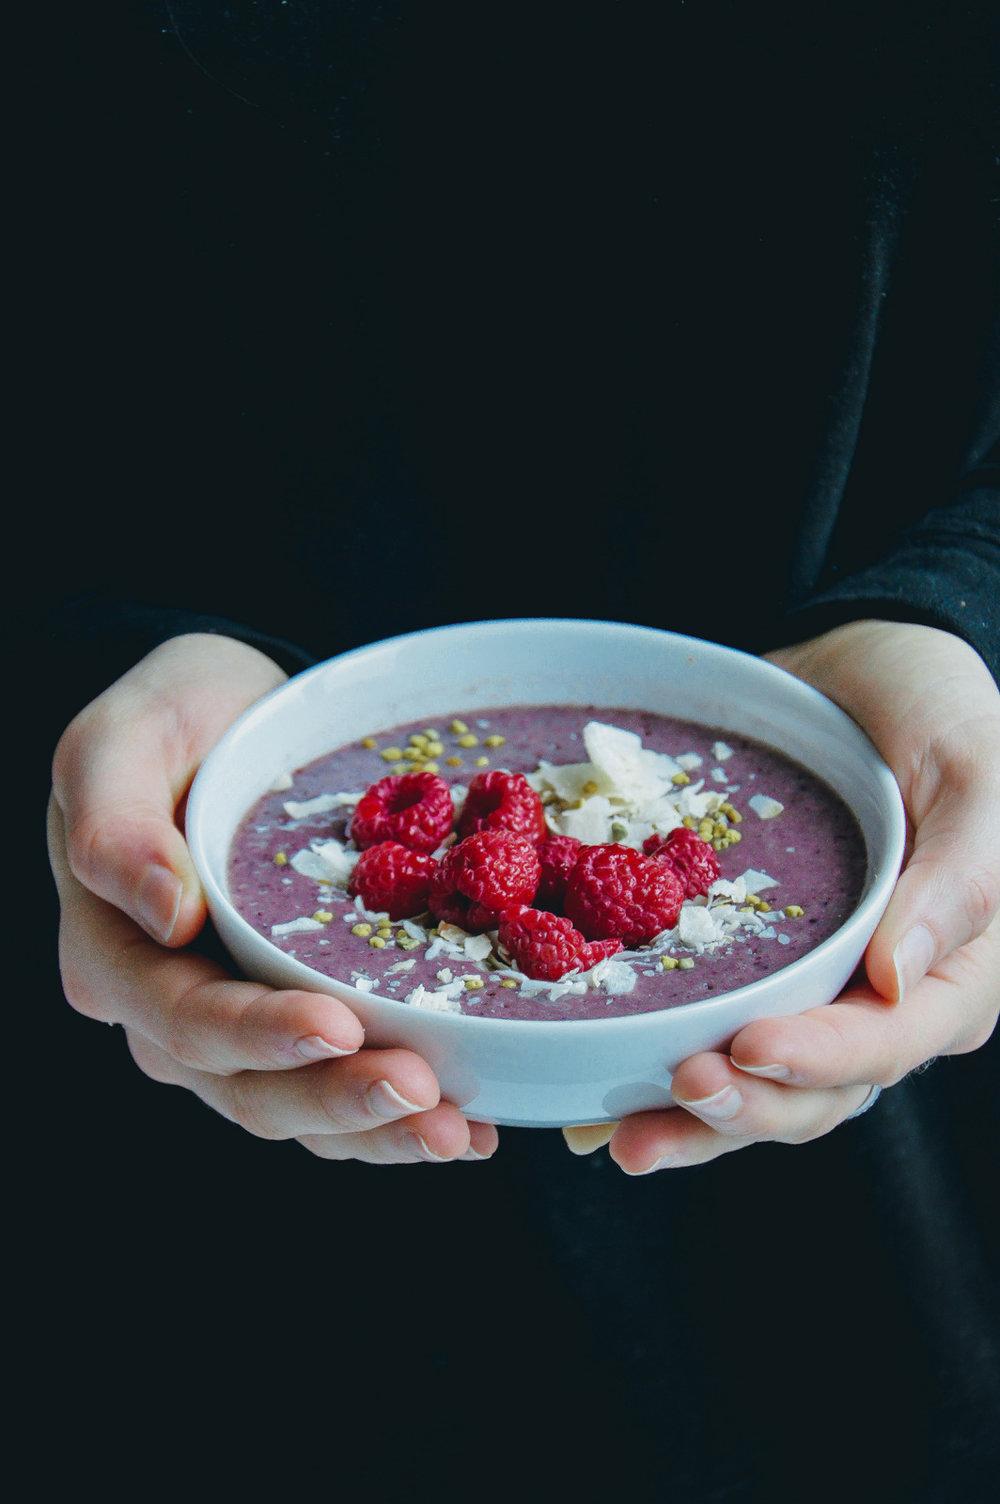 阿萨伊碗  Recipe | 北欧厨房